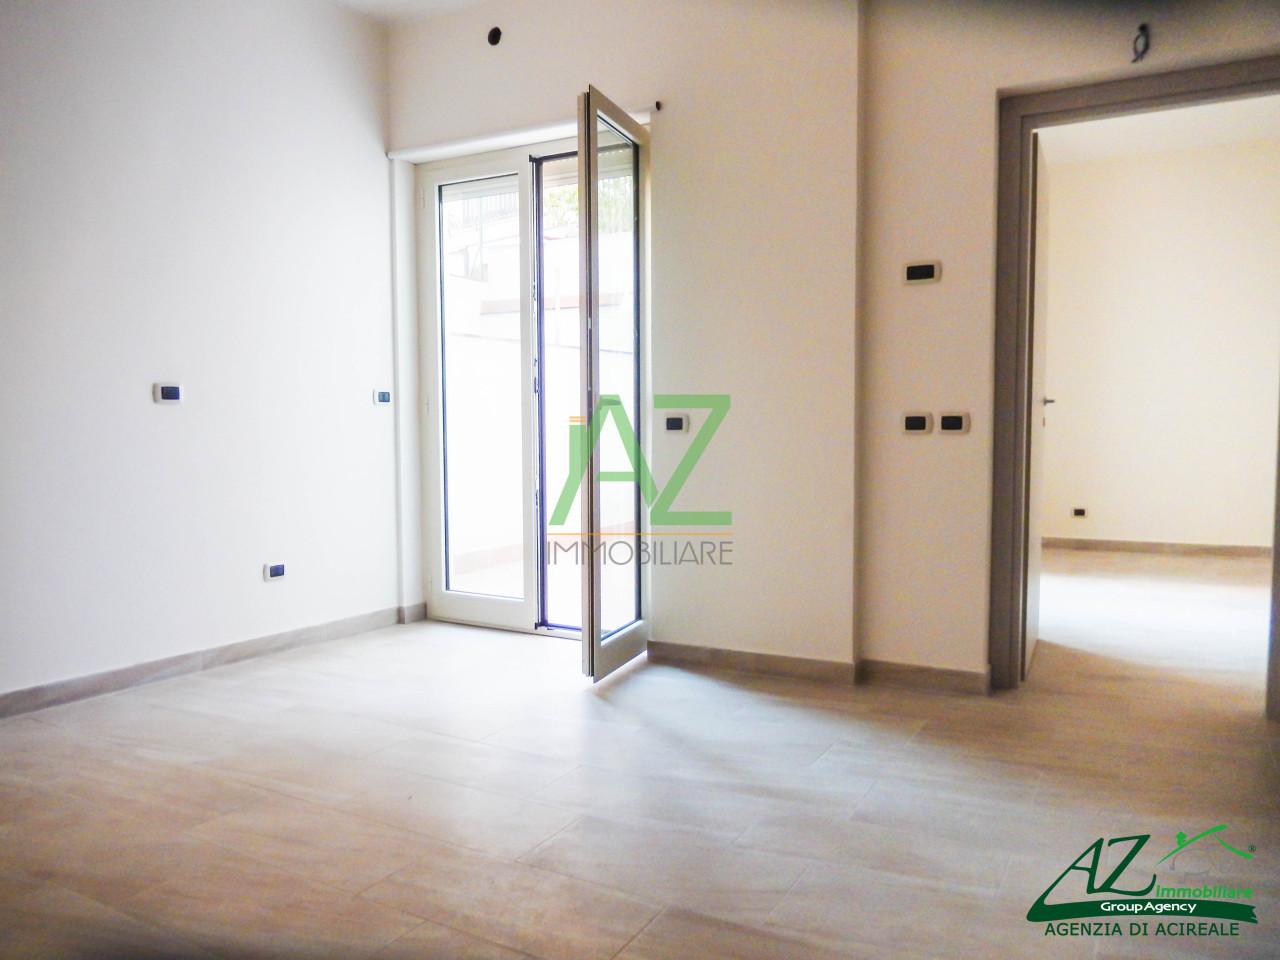 Appartamento in vendita a Aci Catena, 2 locali, prezzo € 75.000 | Cambio Casa.it